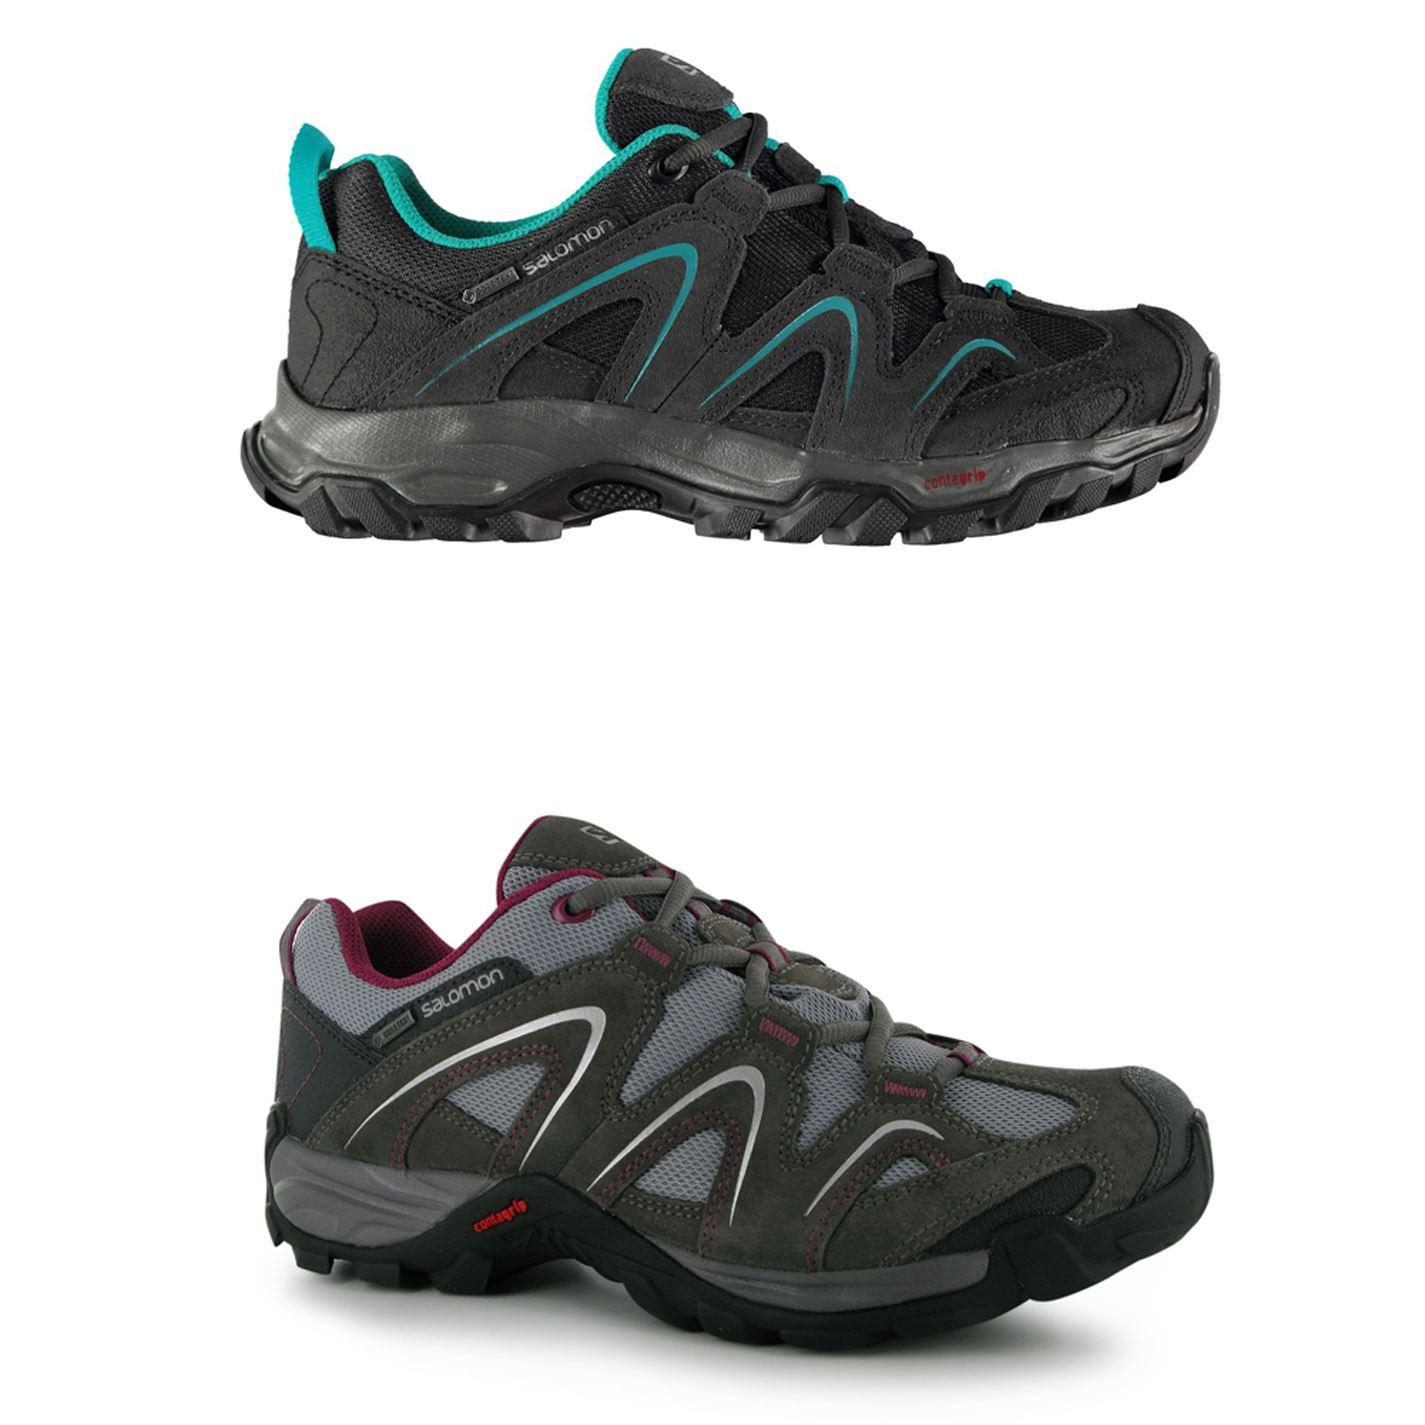 Details about Salomon Womens Vandon Lo GTX Walking Shoes